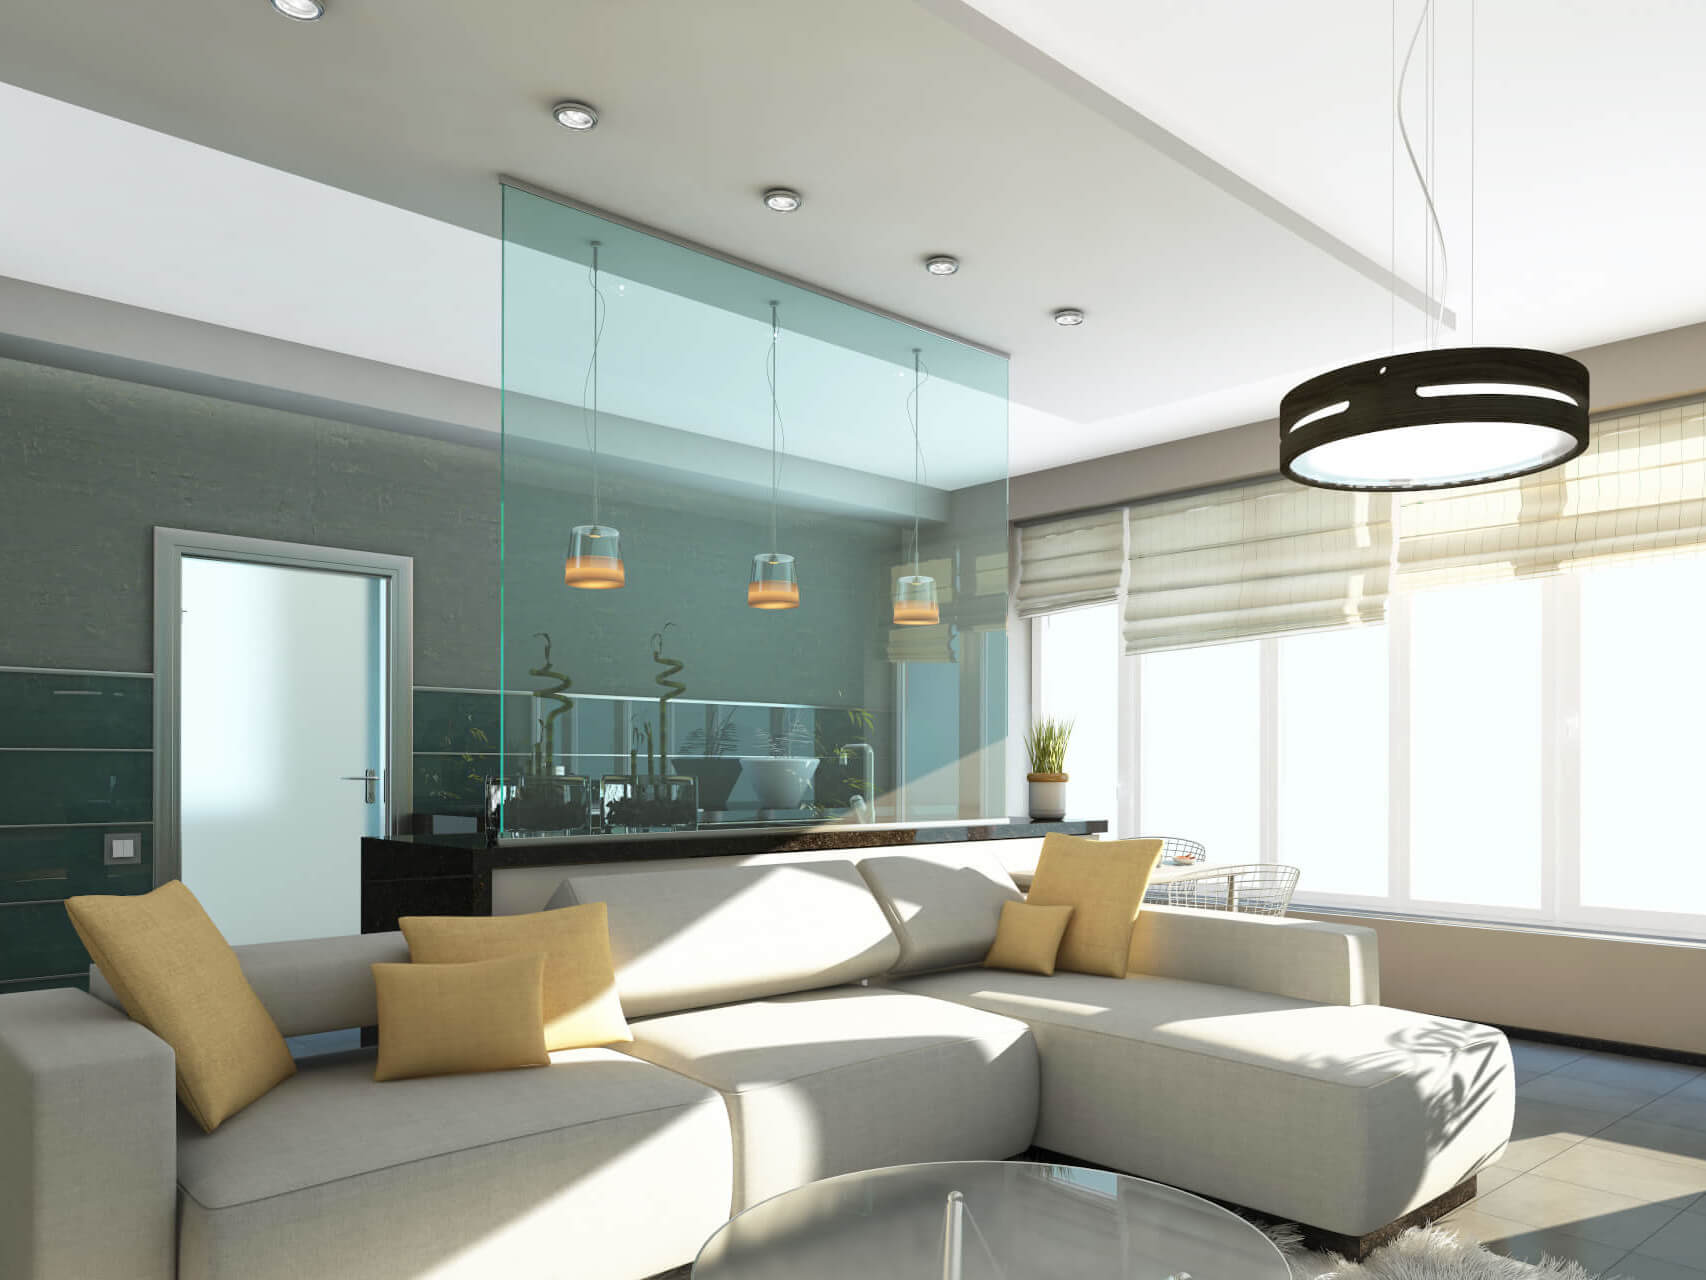 farbiger-glaswand-raumtrenner-zwischen-küche-und-wohnbereich